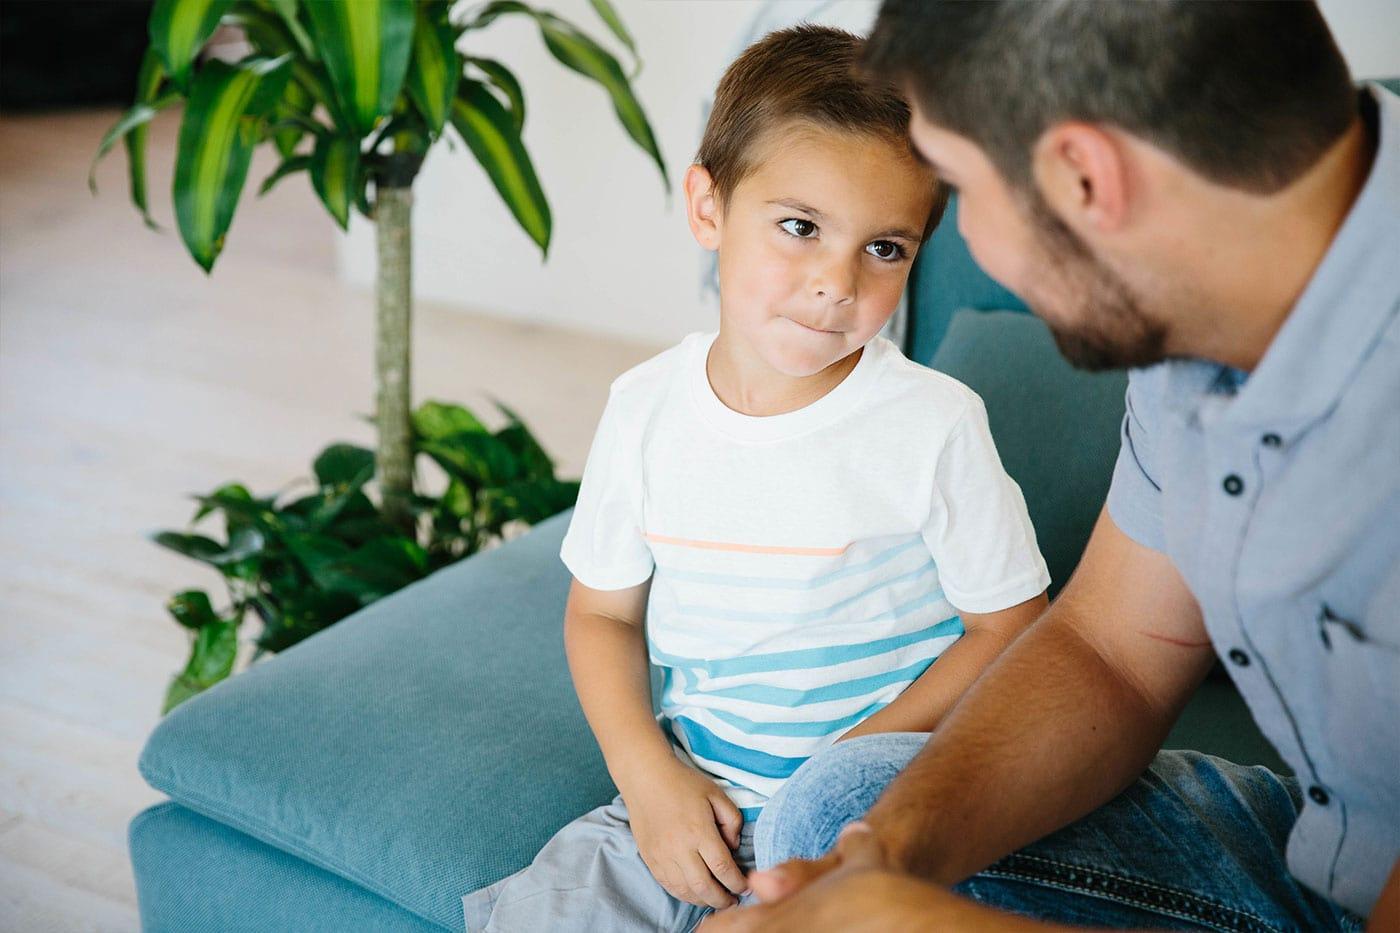 Vater und Sohn sitzen auf dem Sofa und sprechen. Sohn schaut den Vater aufmerksam an.